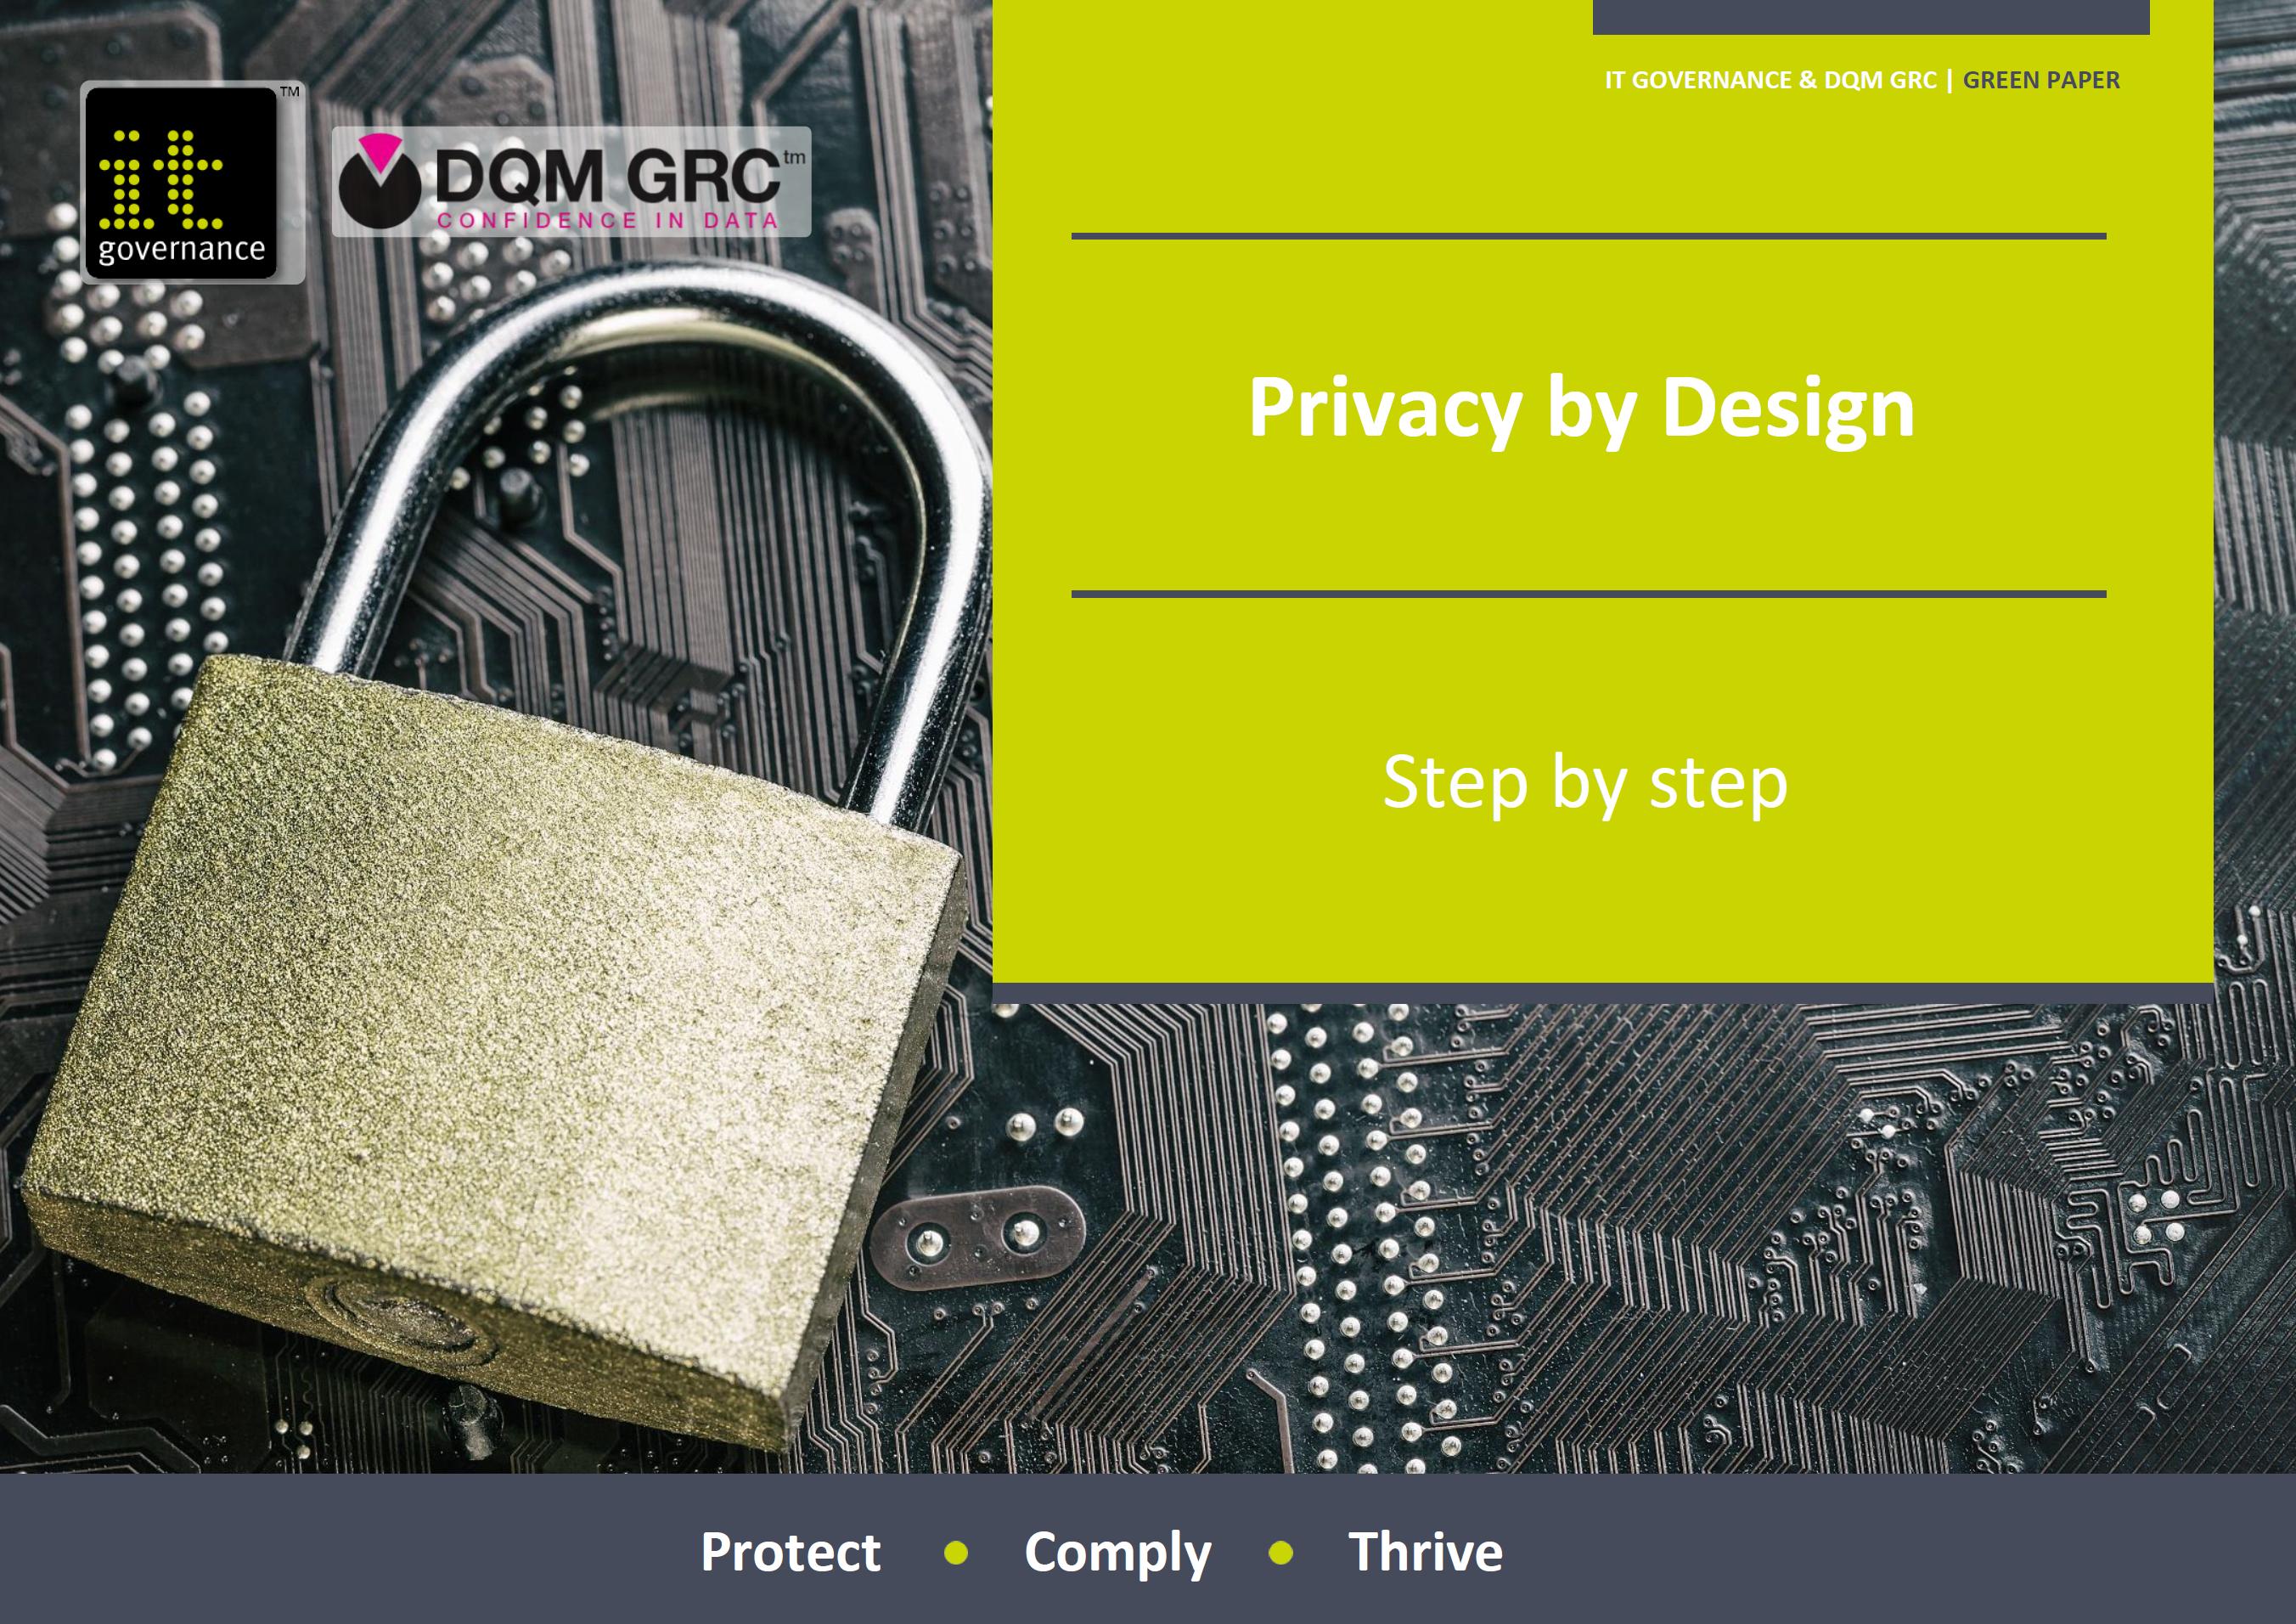 privacy-by-design-step-by-step-eu-feb (2)